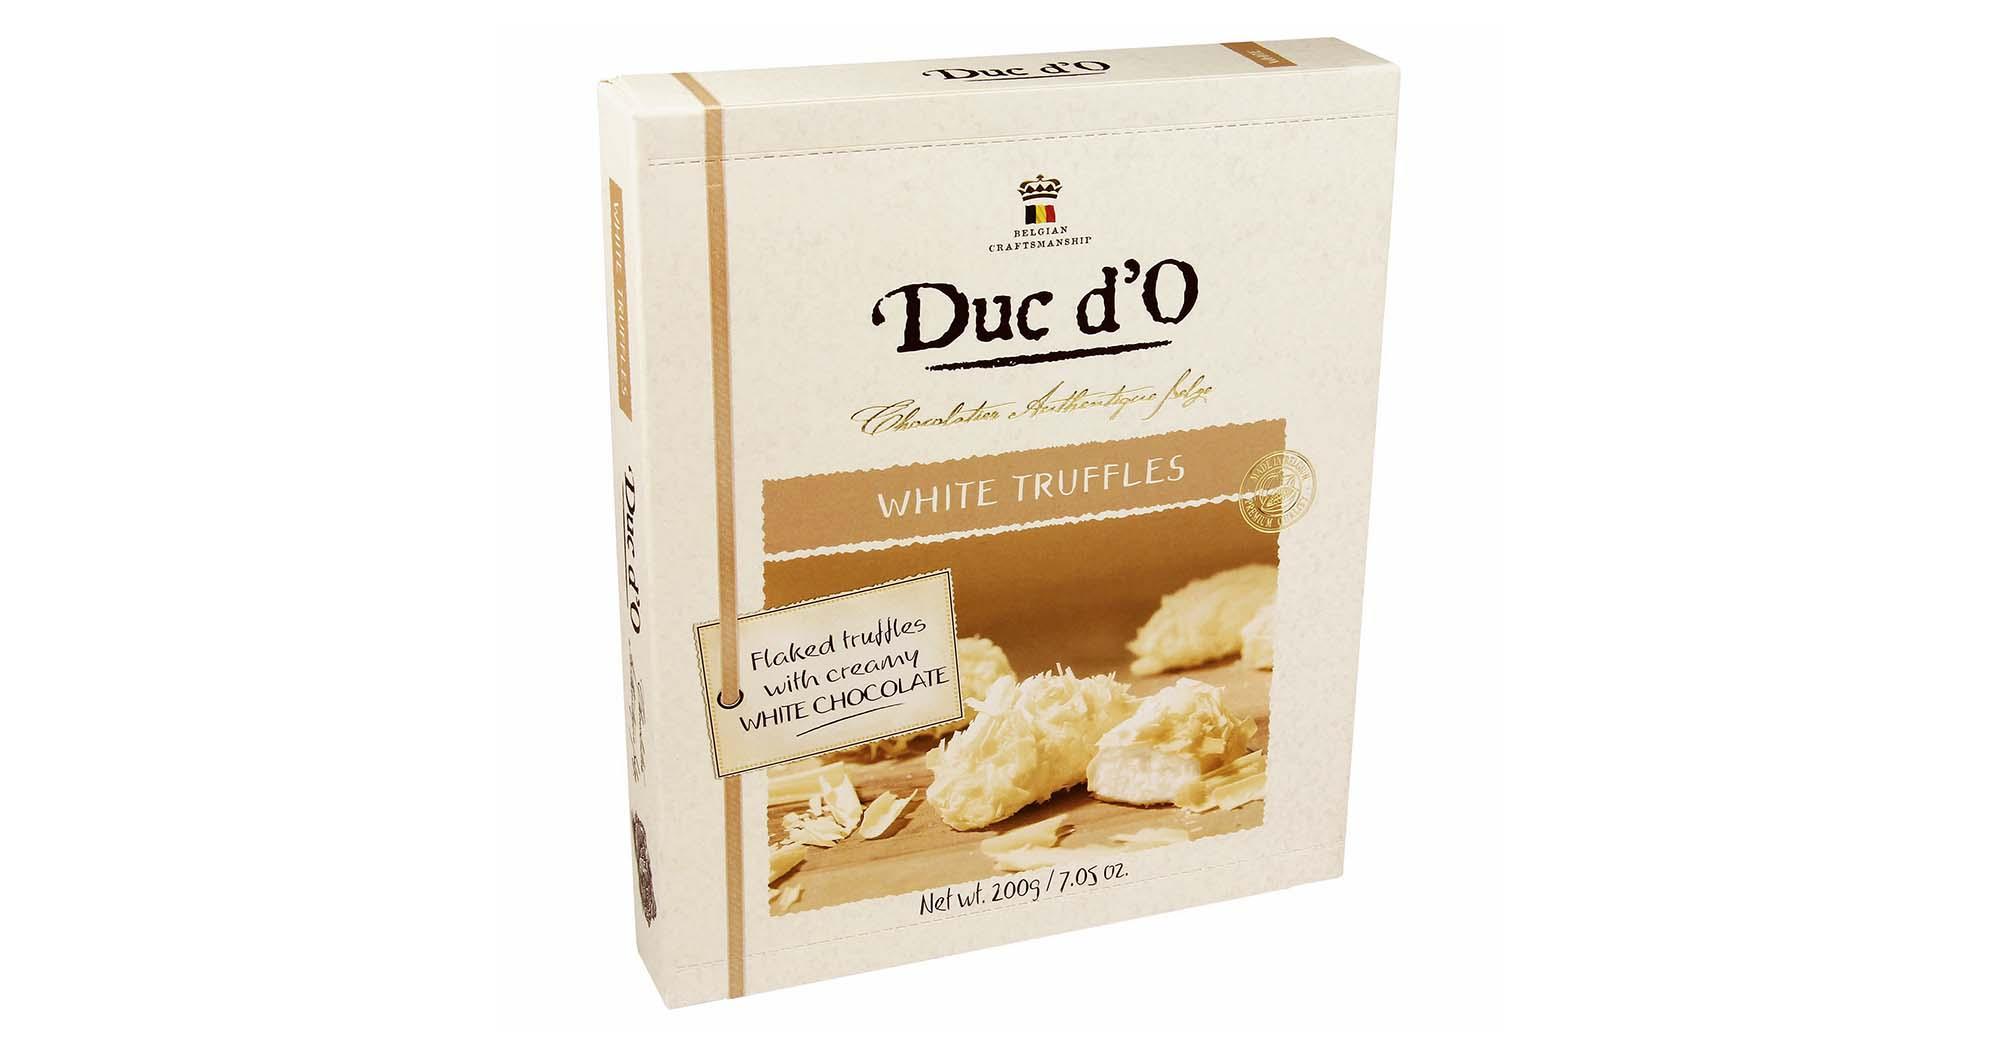 103-30013-999 Truffles white 200g (103-30013-999)